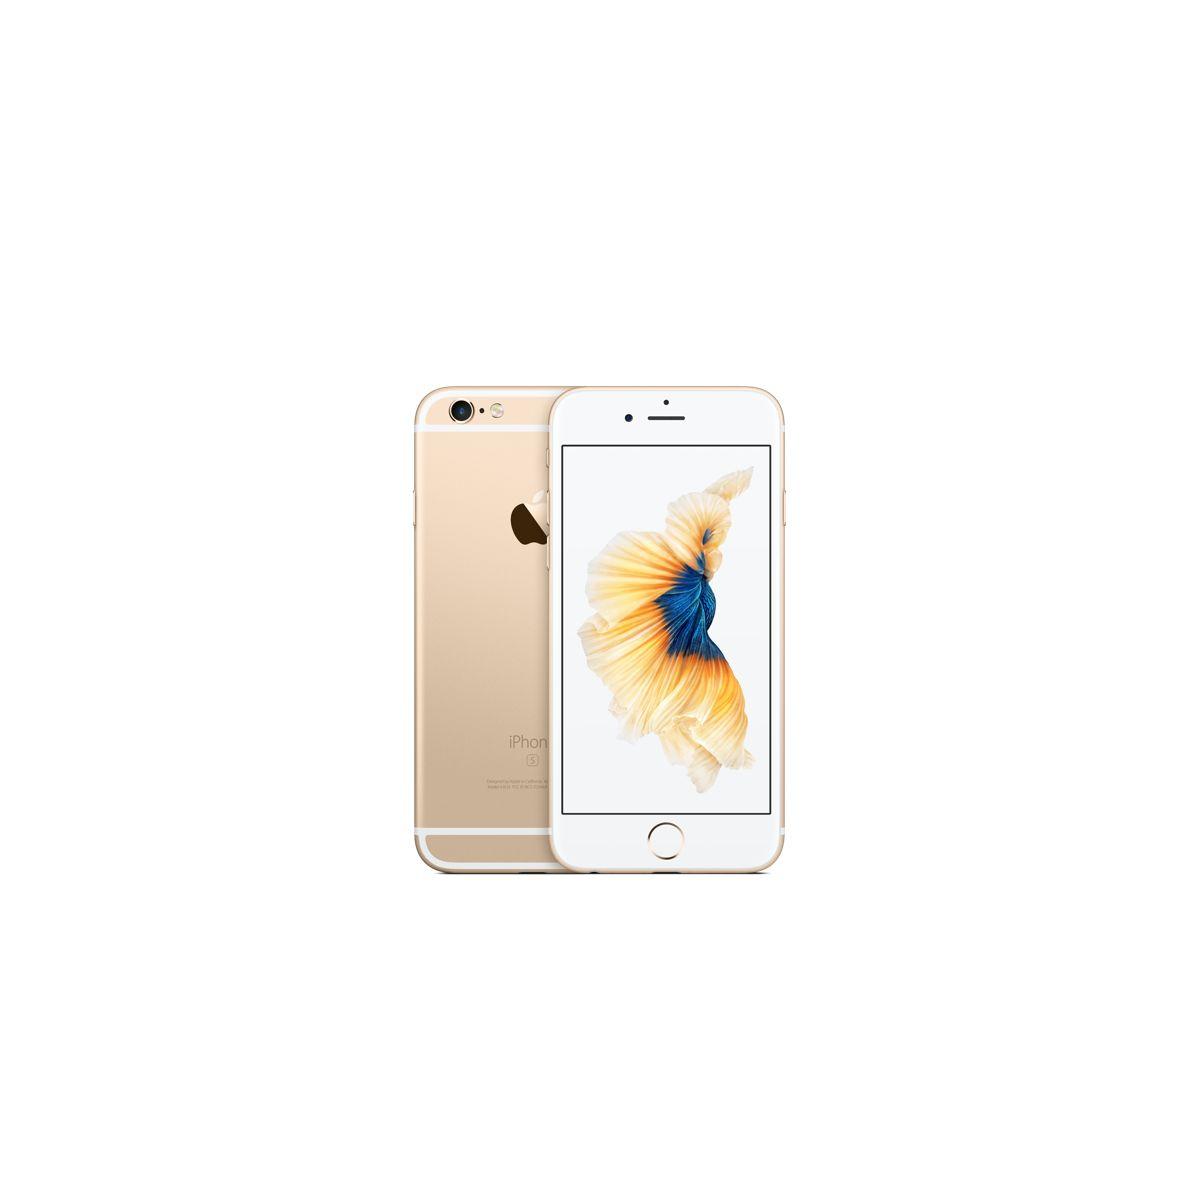 Apple iphone 6s 16go or - 10% de remise immédiate avec le code : fete10 (photo)